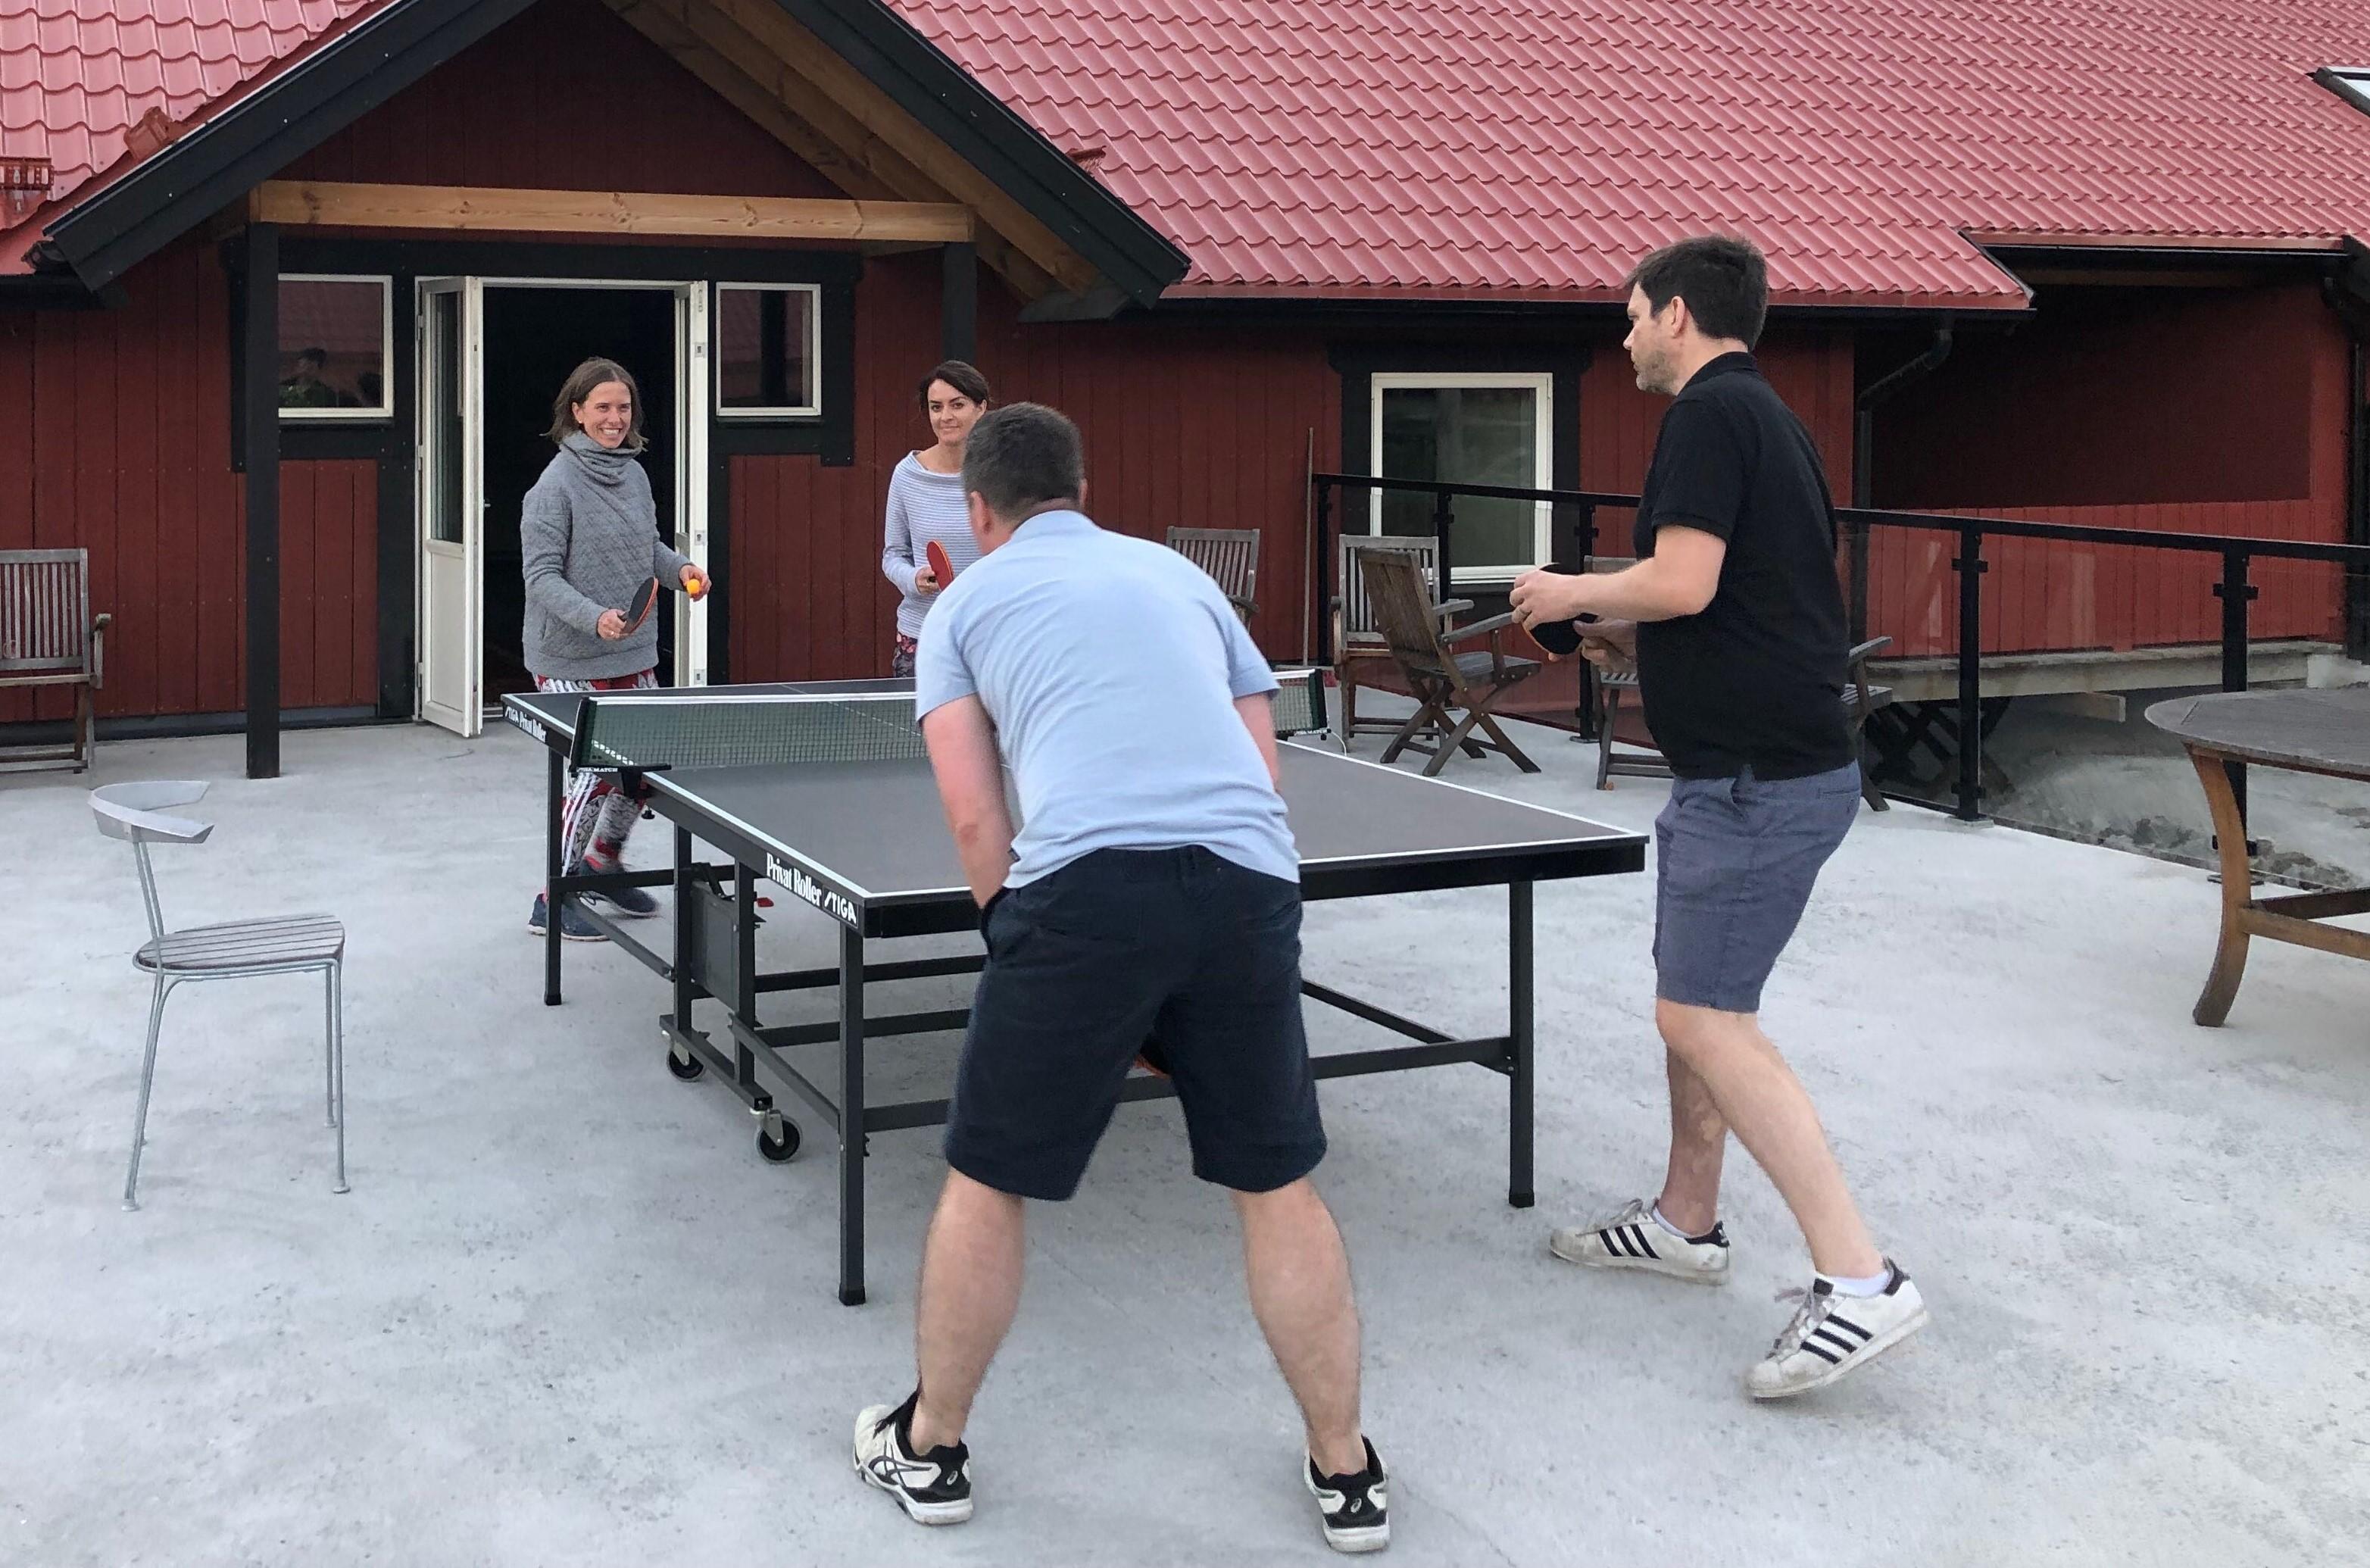 Playing ping pong.